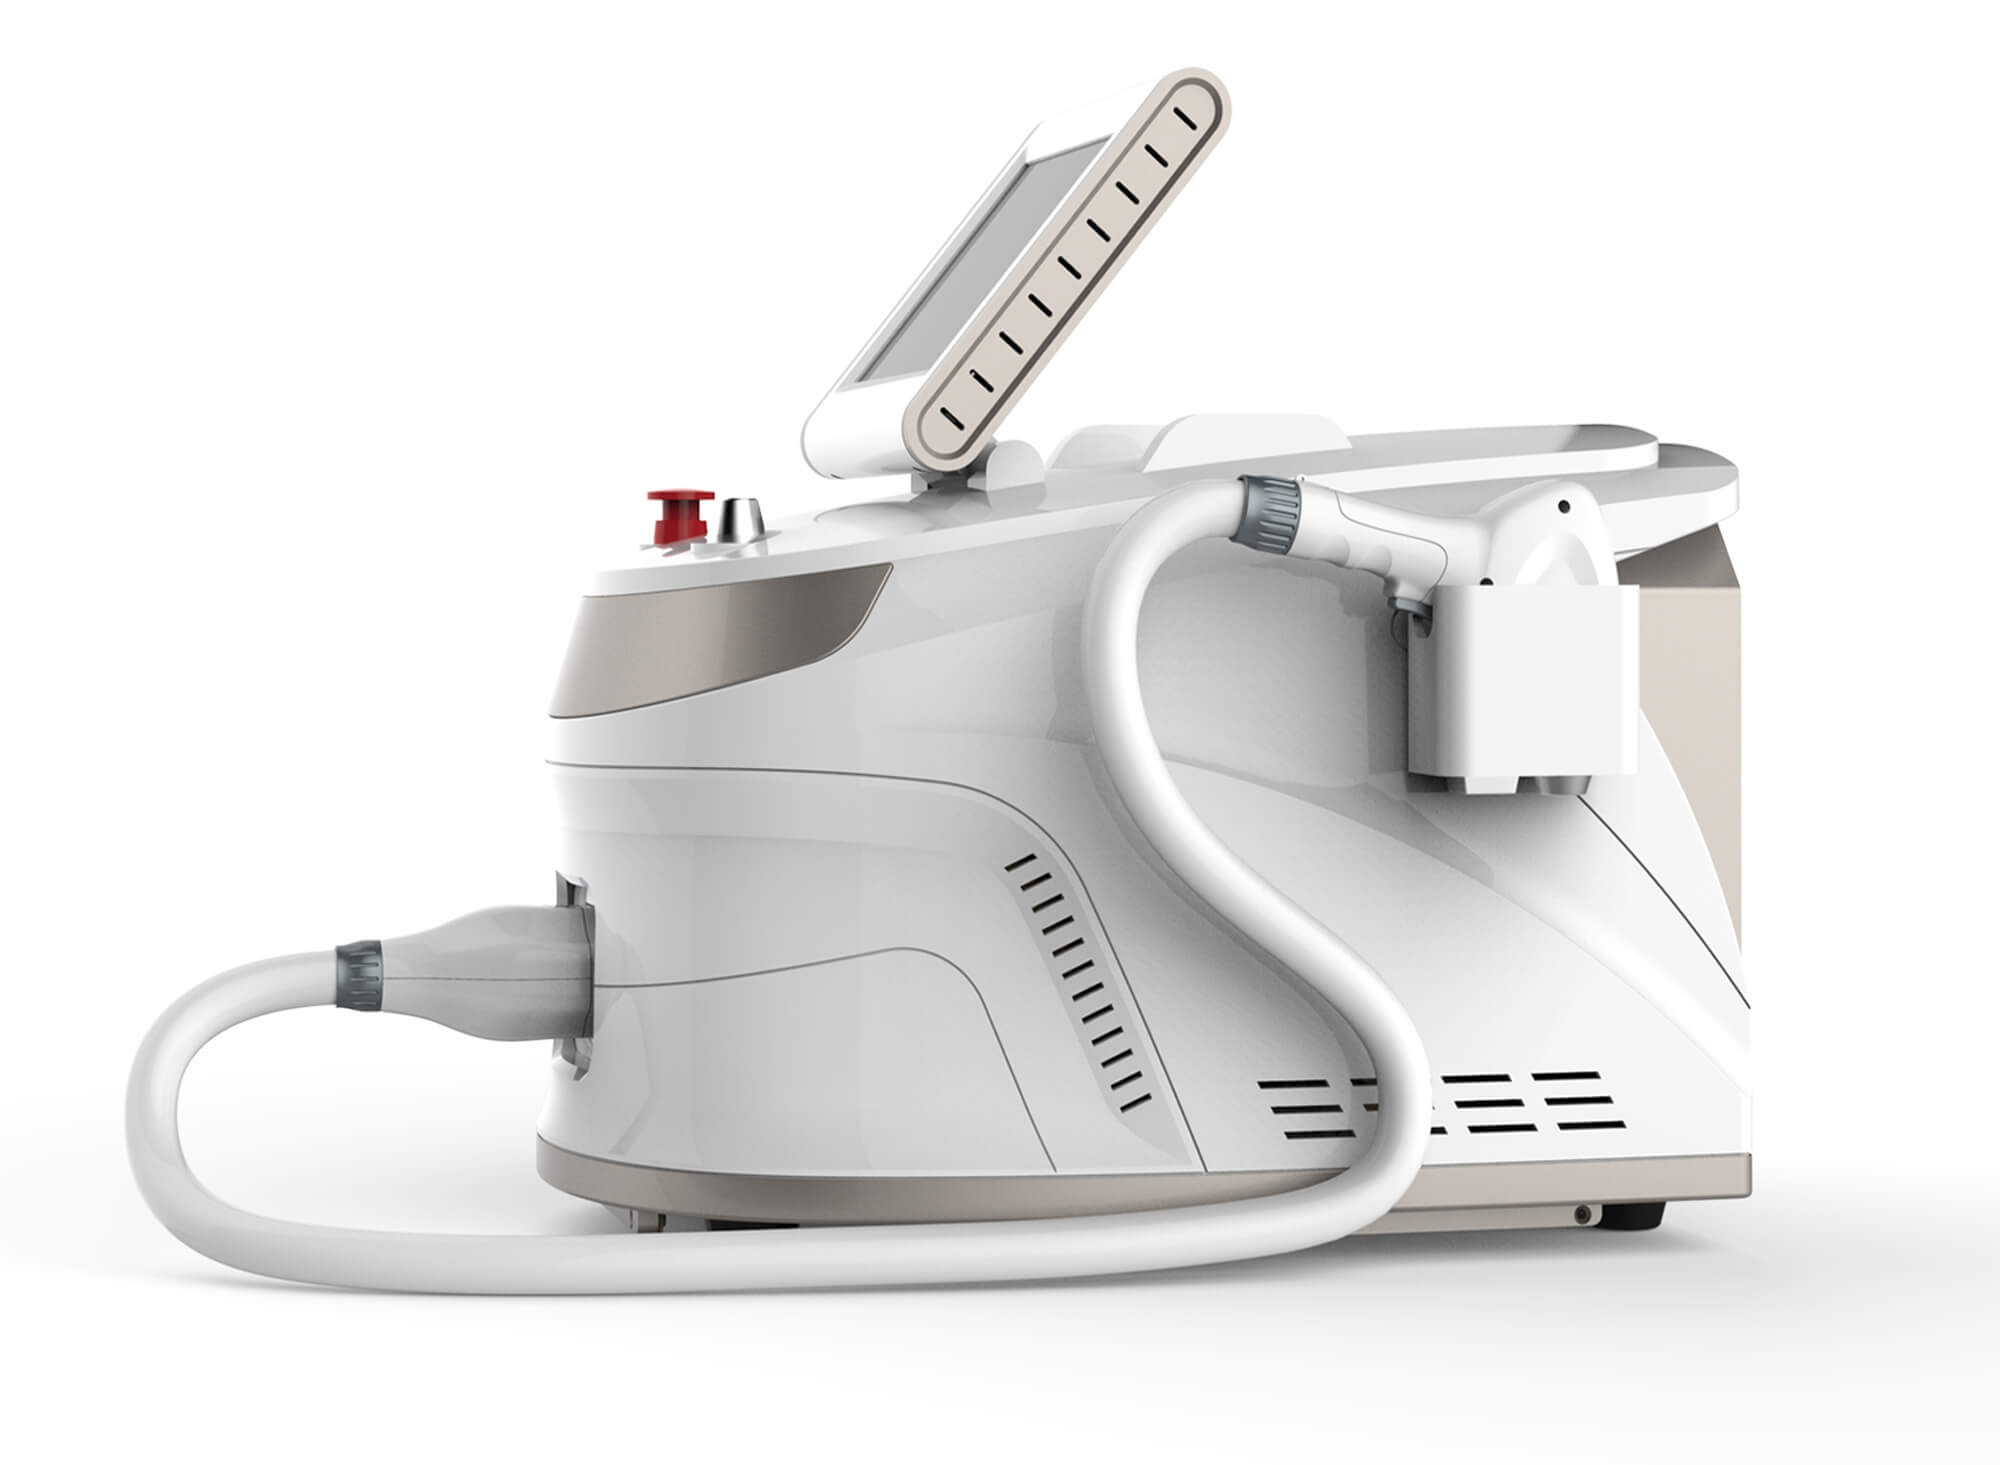 02 - Диодный лазер SL-600 - обзор аппарата для эпиляции